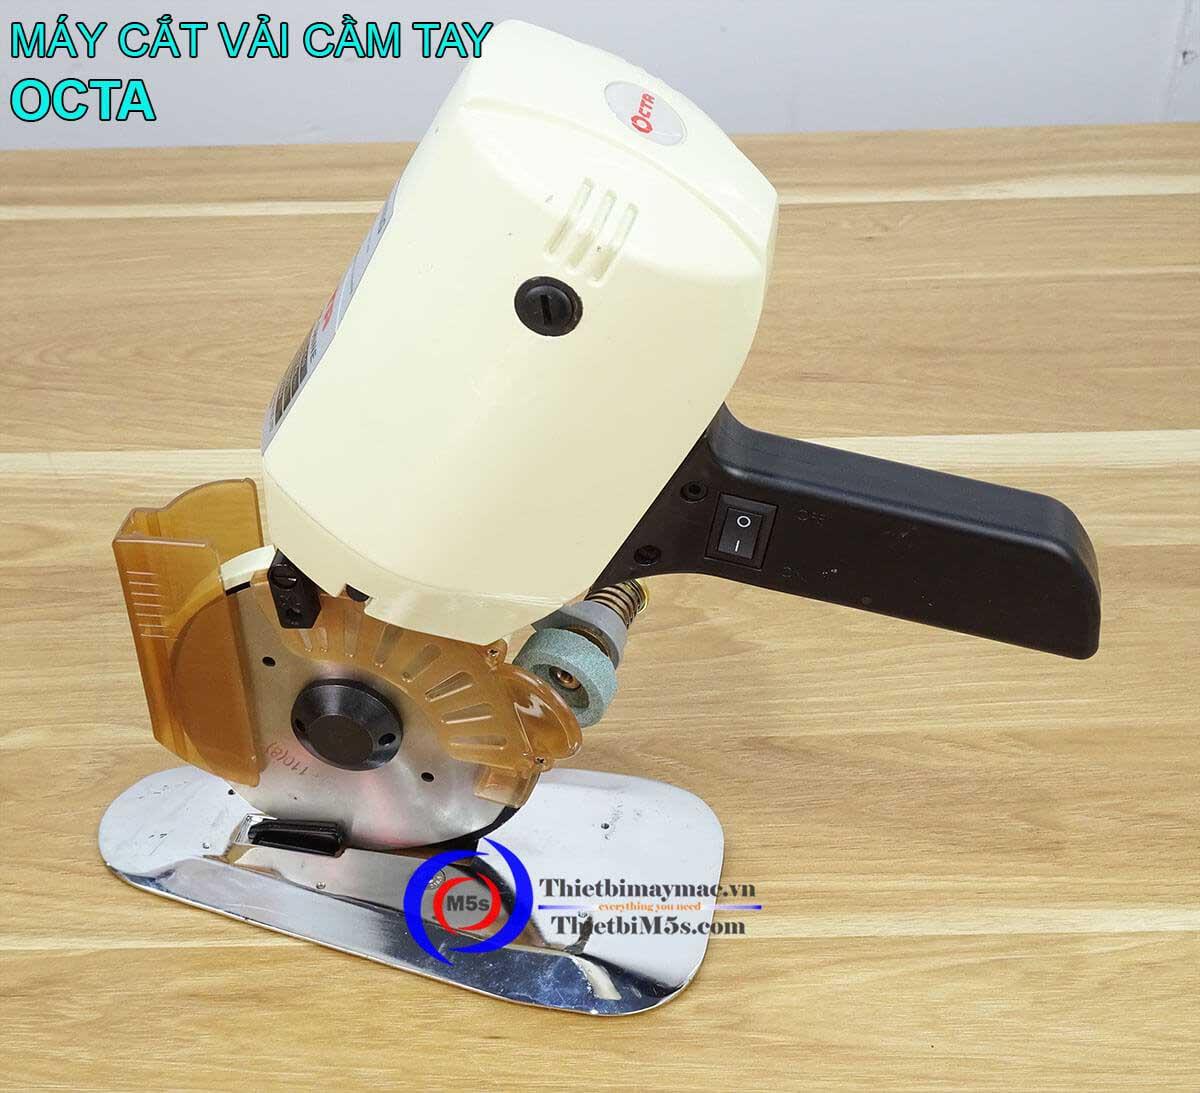 Máy cắt vải cầm tay mini Octa